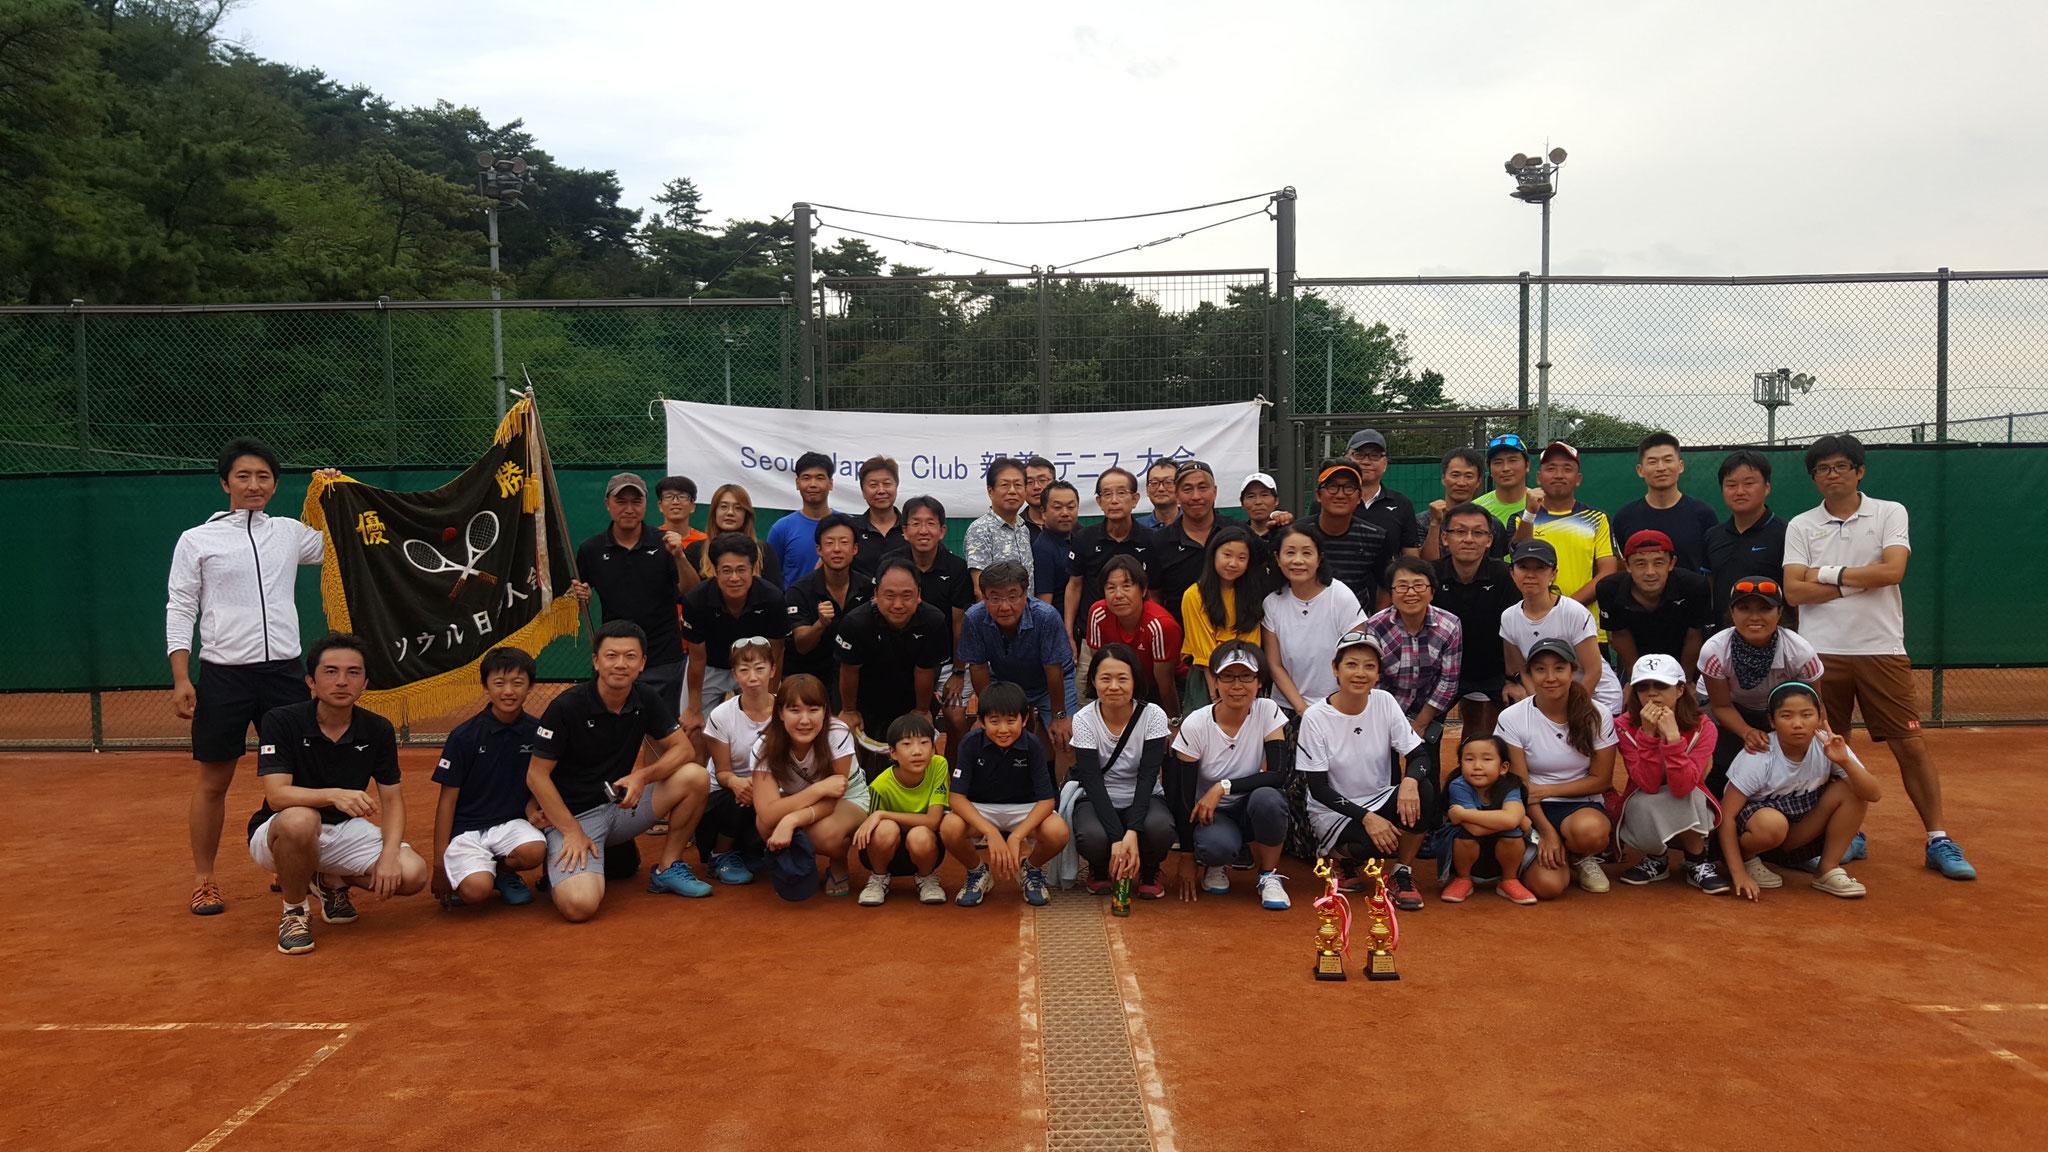 2018年9月 SJCテニス大会開催、A・B・C全クラス優勝!!!